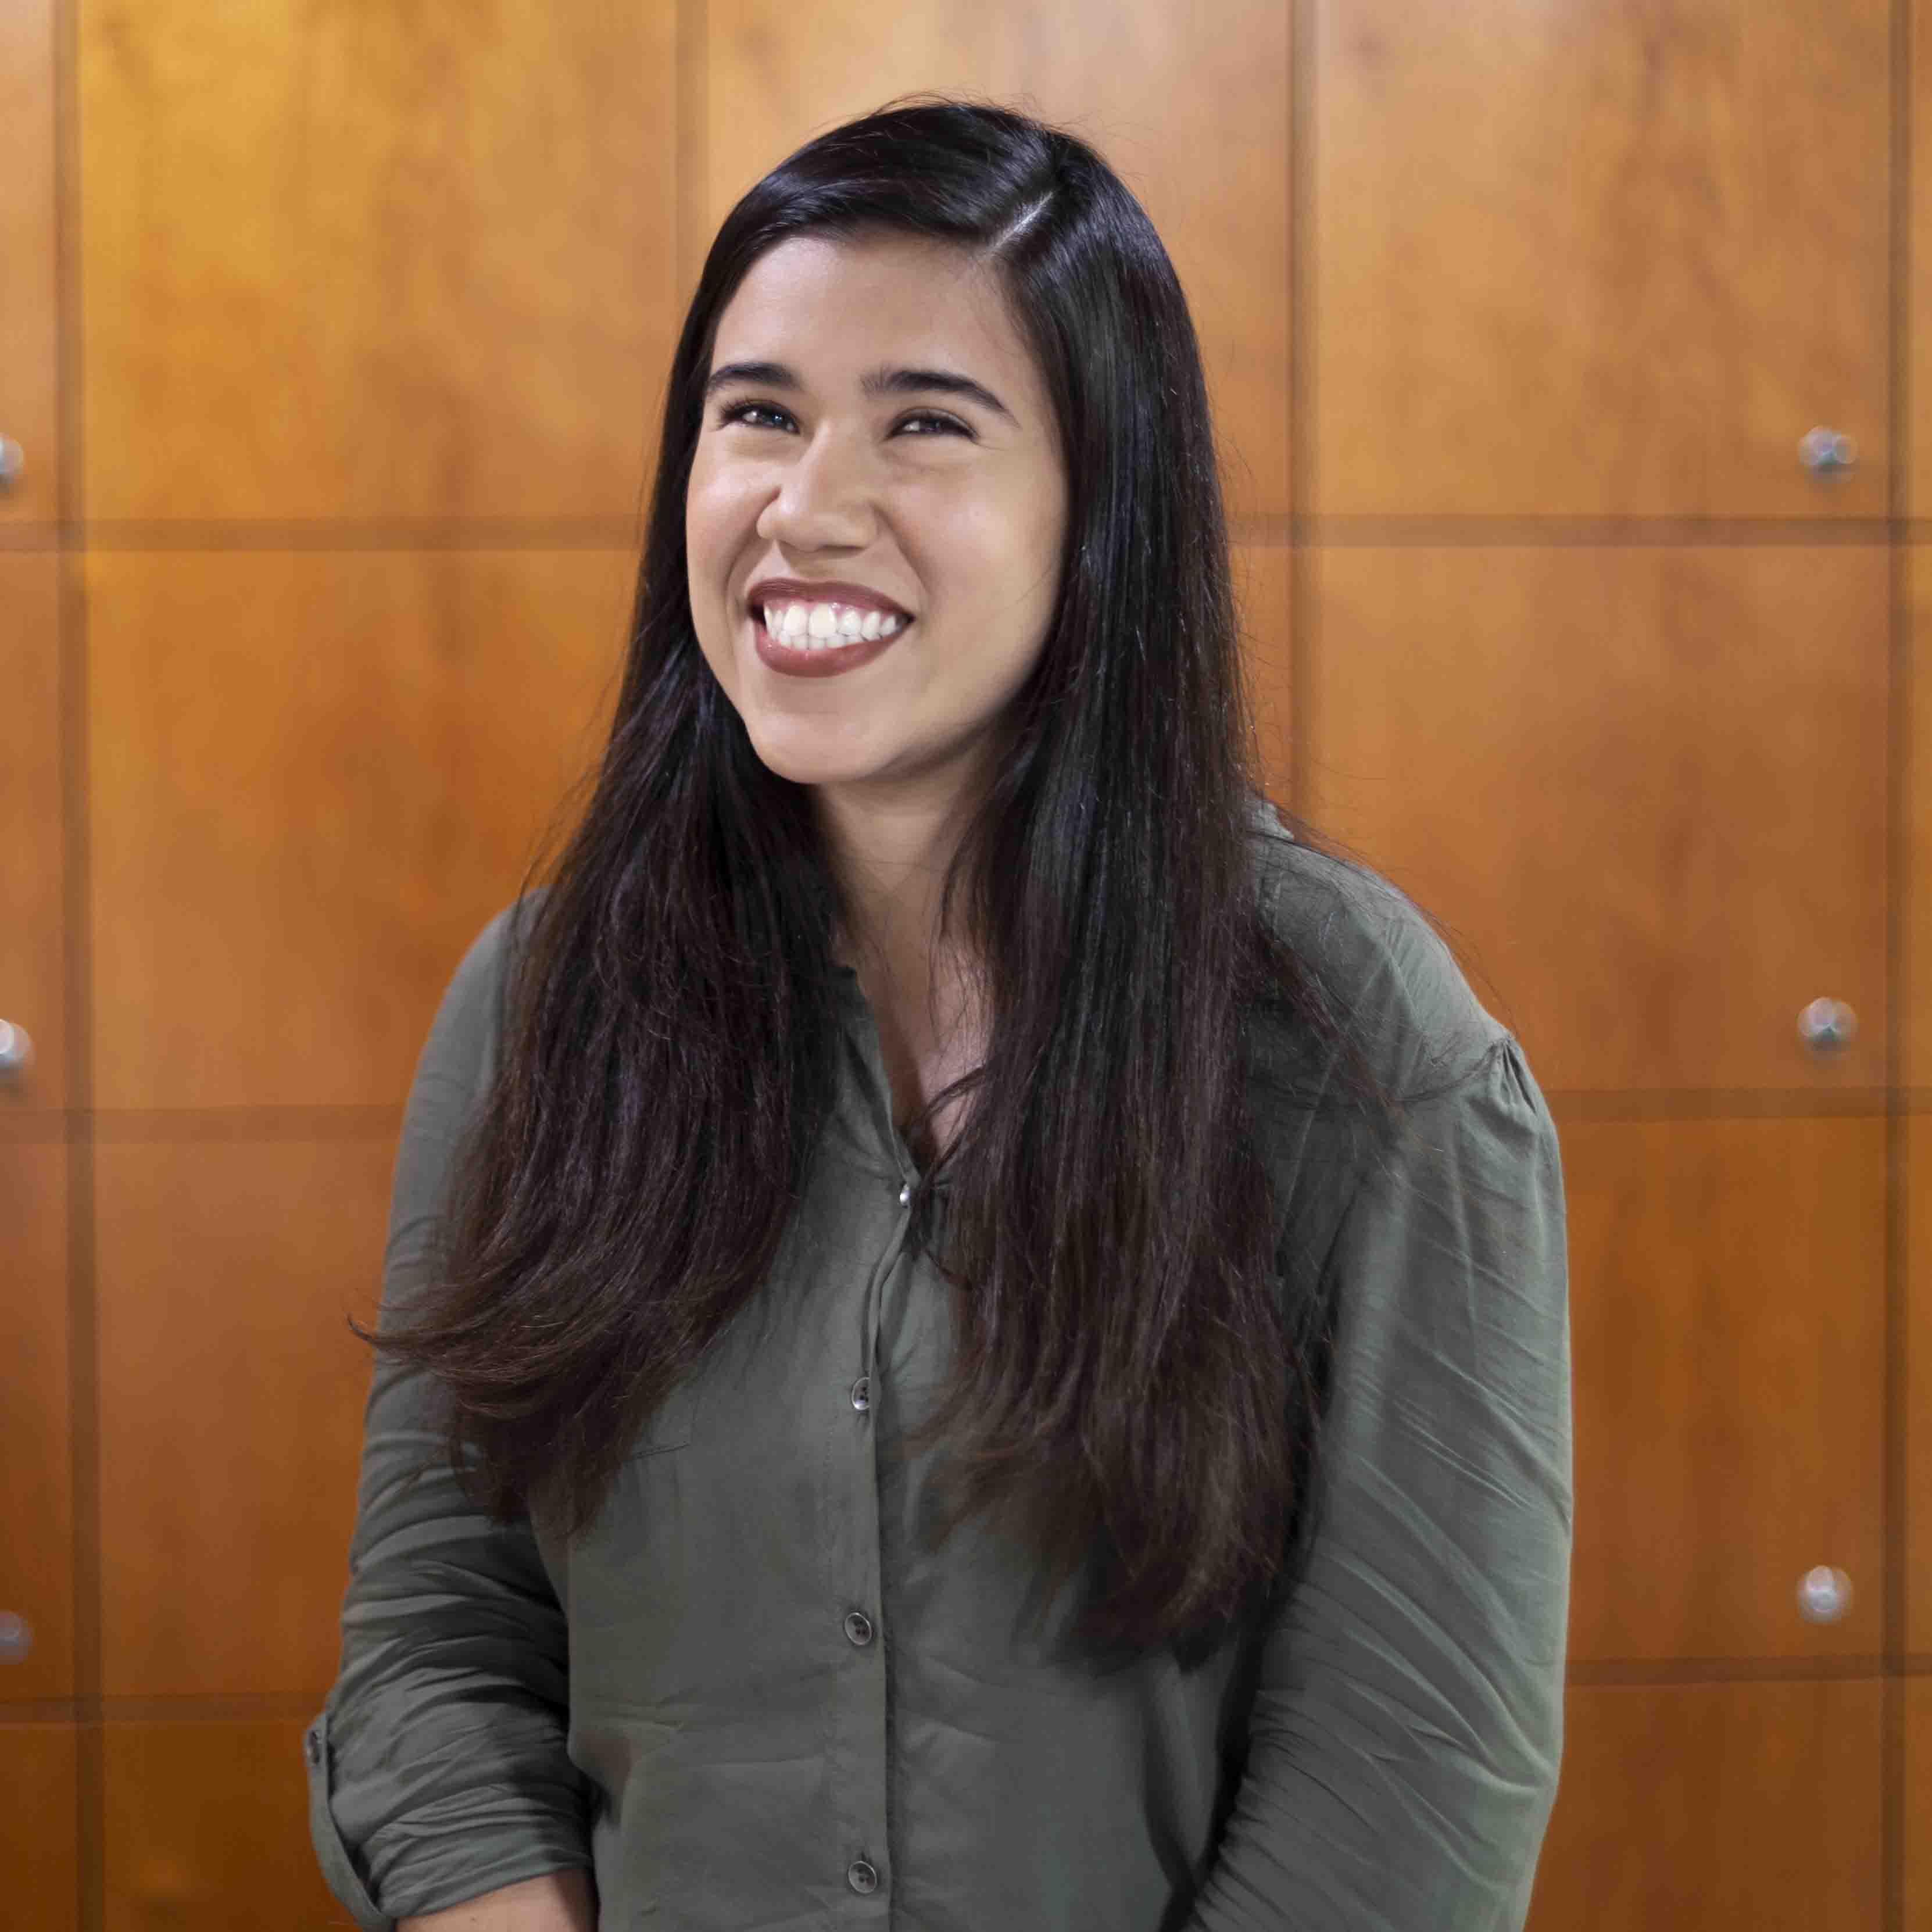 Claudia Garibotto